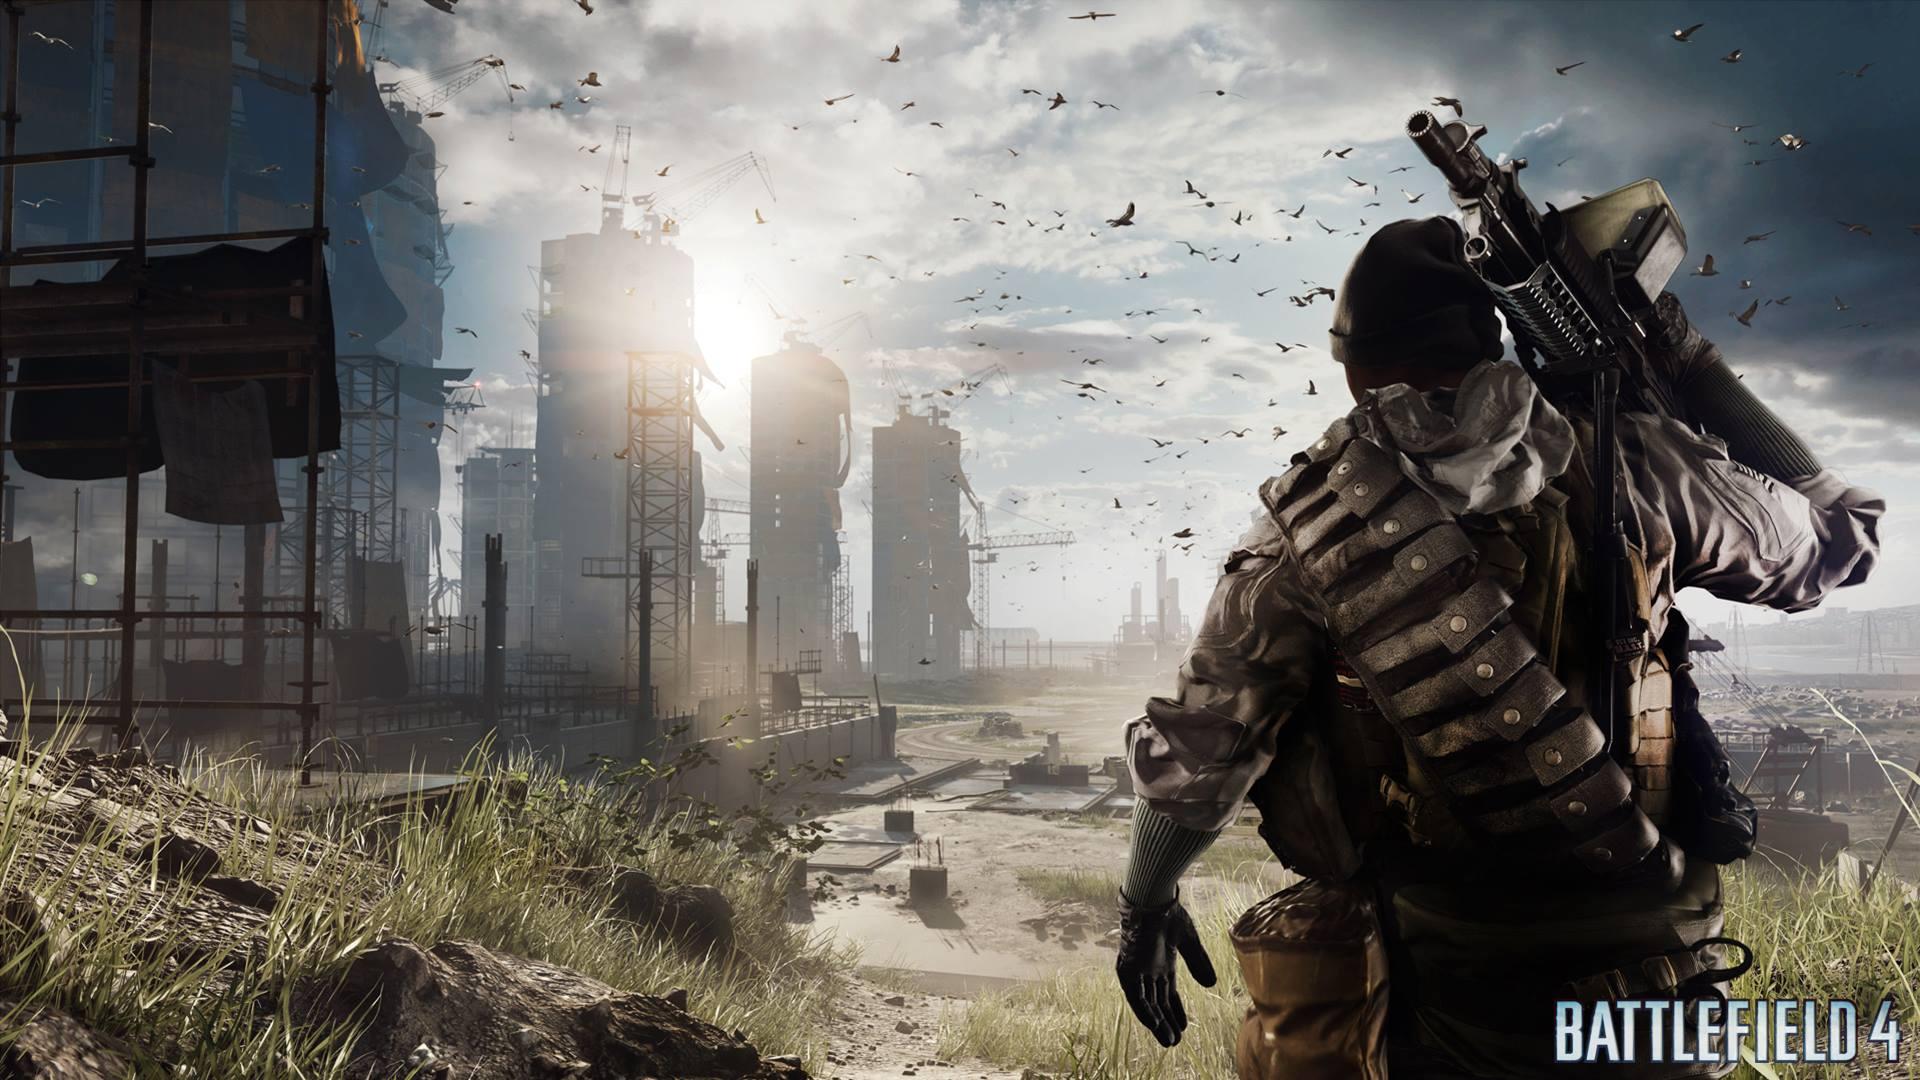 Battlefield 4 developer details multiplayer progression, rewards